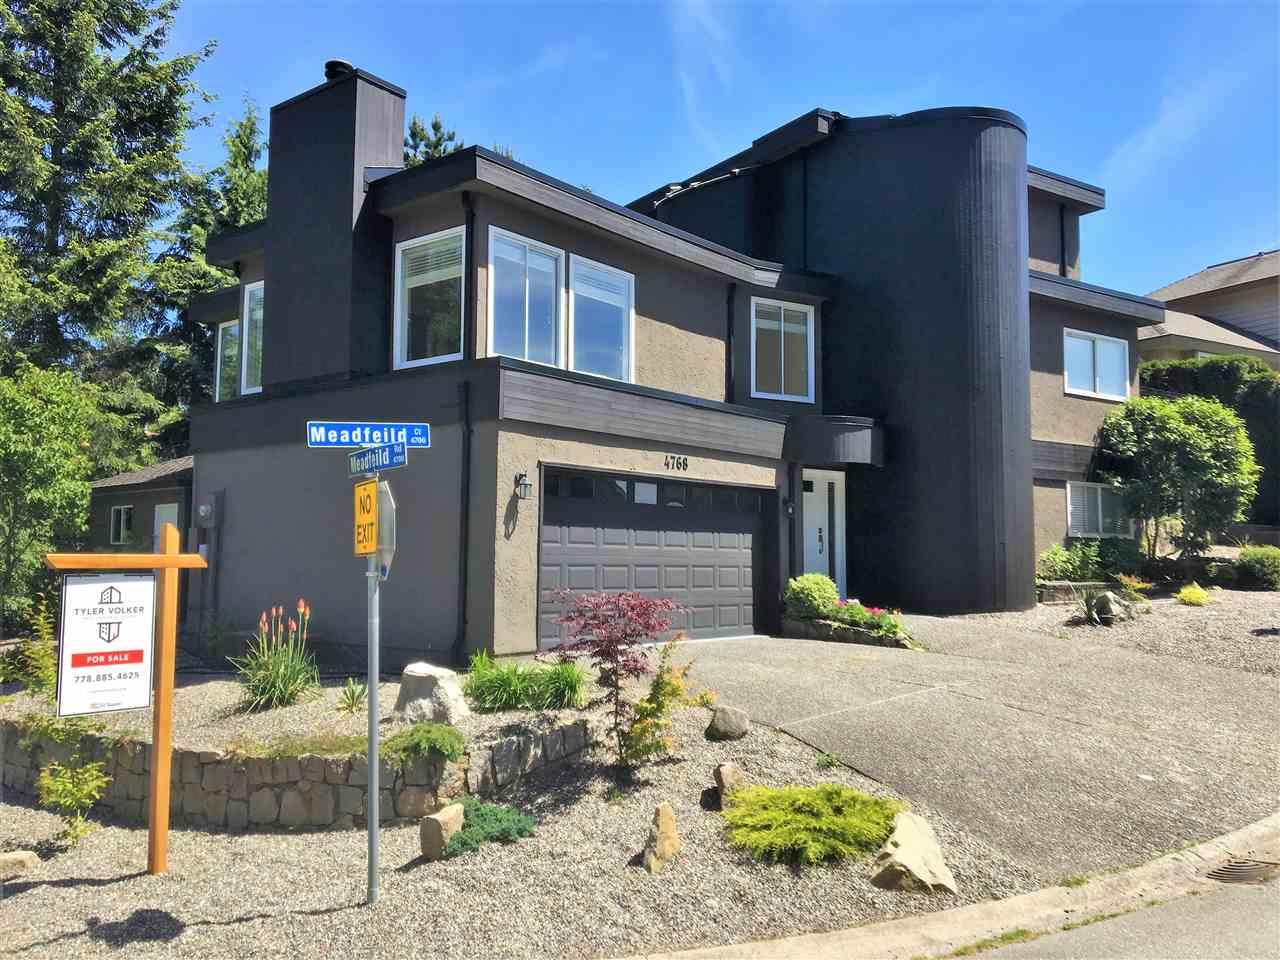 4768 MEADFEILD ROAD, West Vancouver, BC, V7W 2Y3 Photo 1